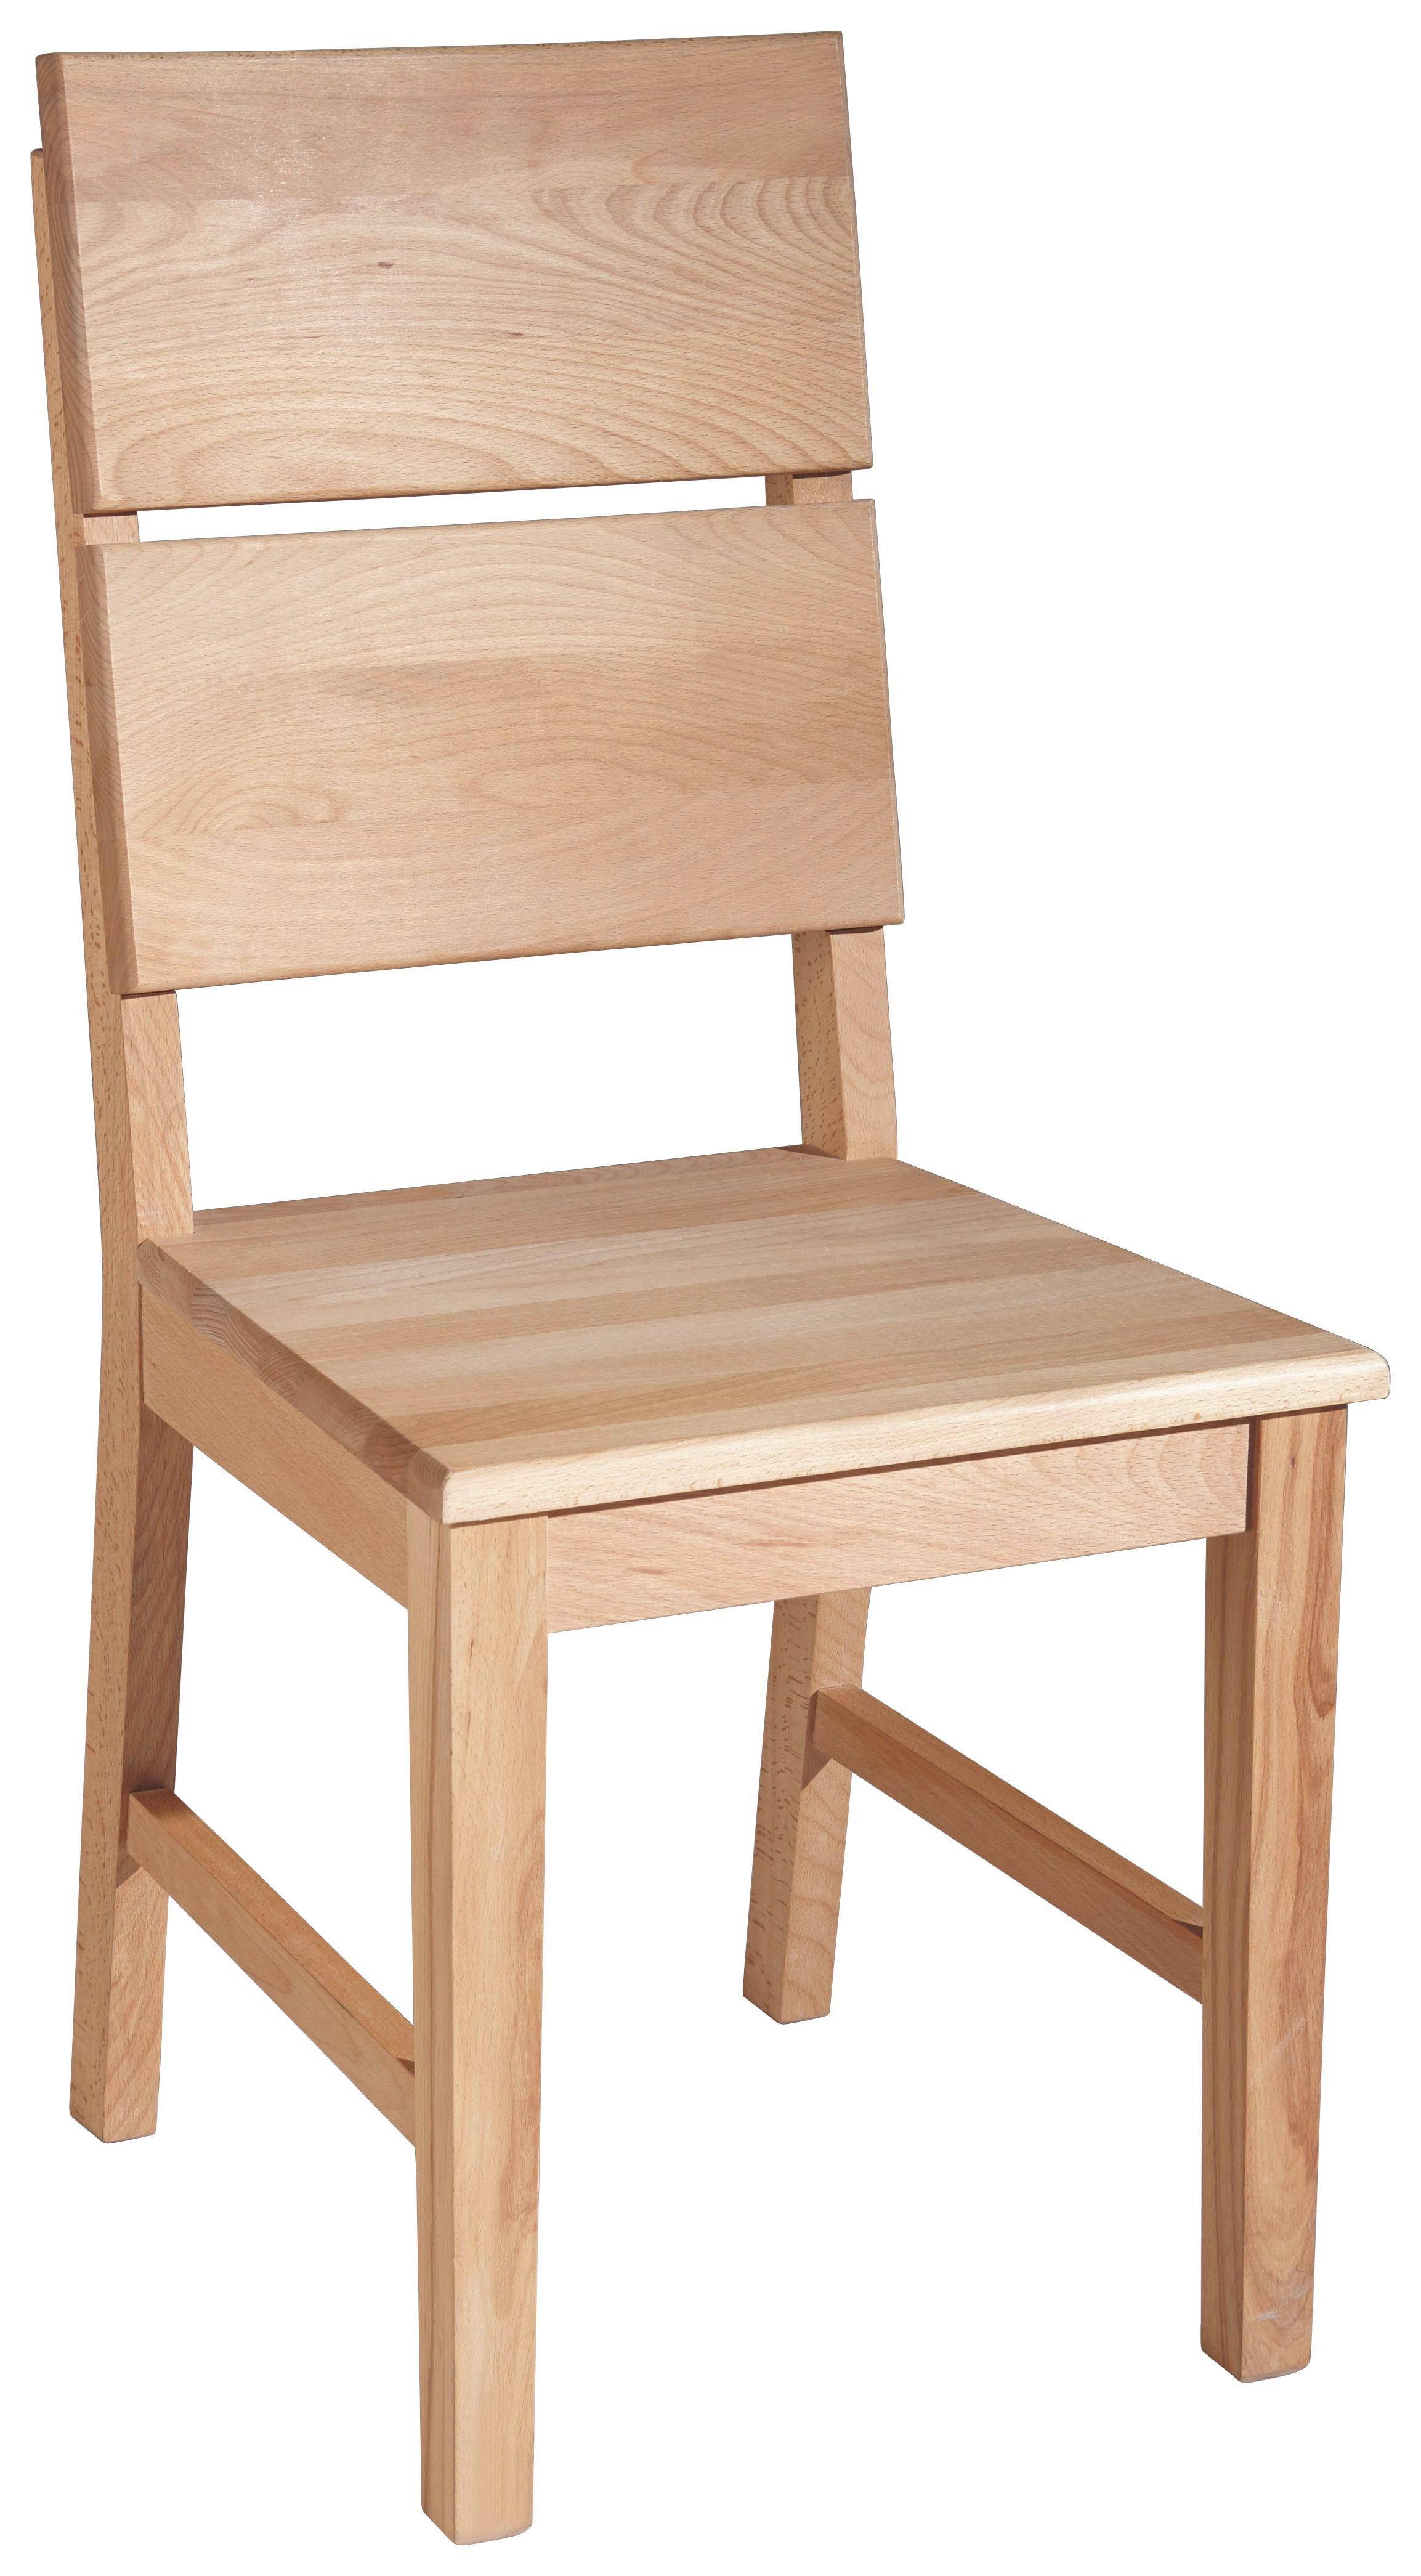 finest stuhl kernbuche massiv buchefarben buchefarben design holz cm with weier stuhl mit holzbeinen